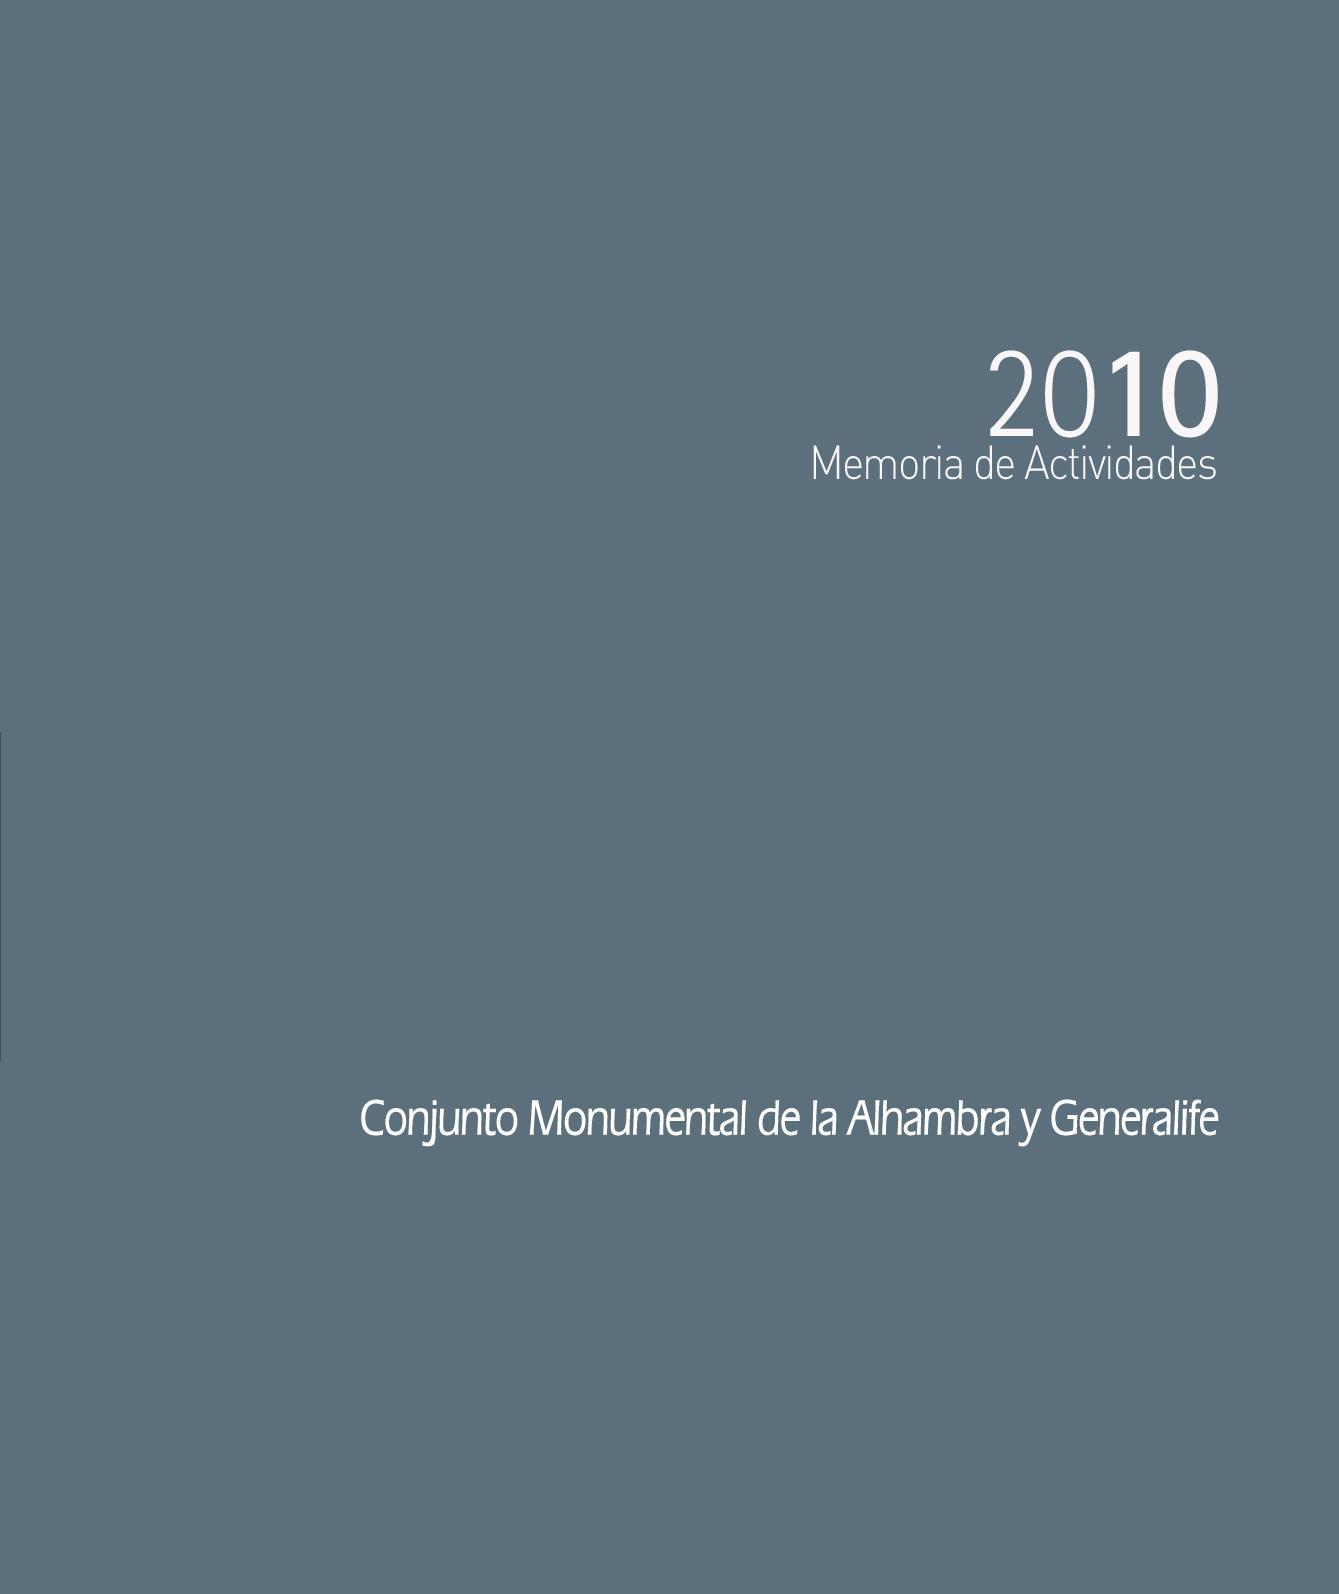 f95141e25 Calaméo - Memoria de Actividades 2010